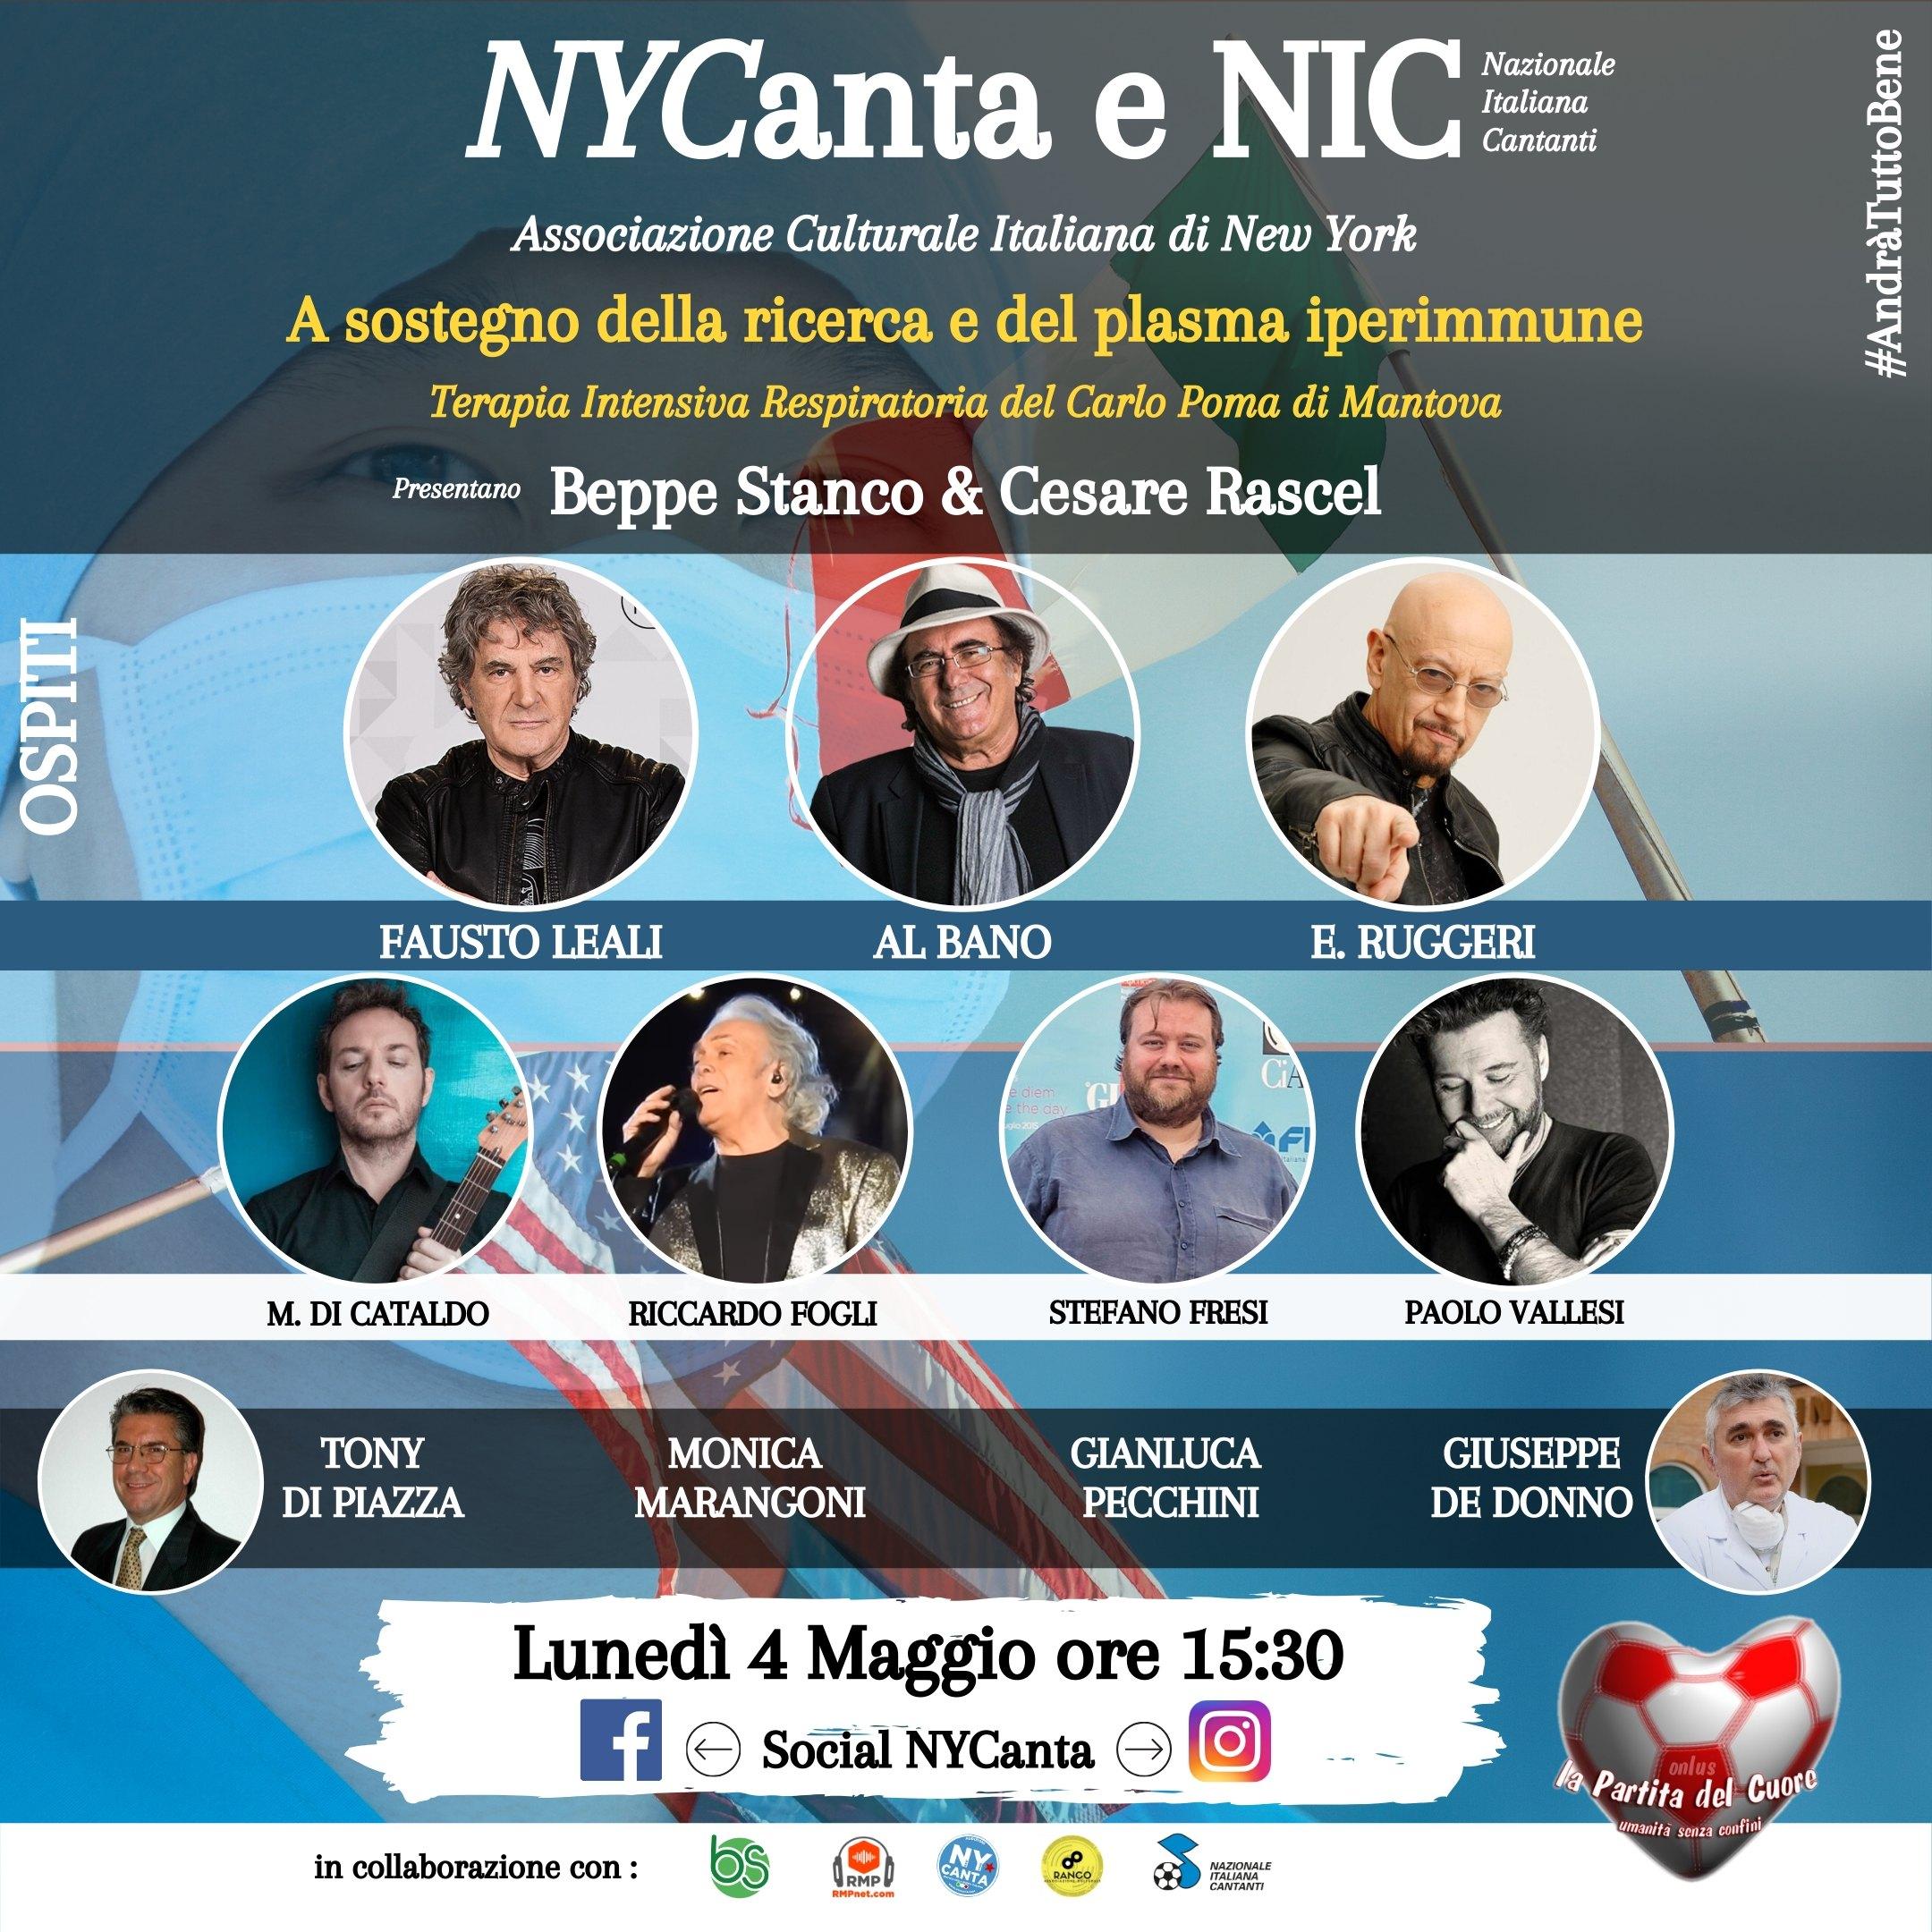 NYCanta e NIC contro Covid19